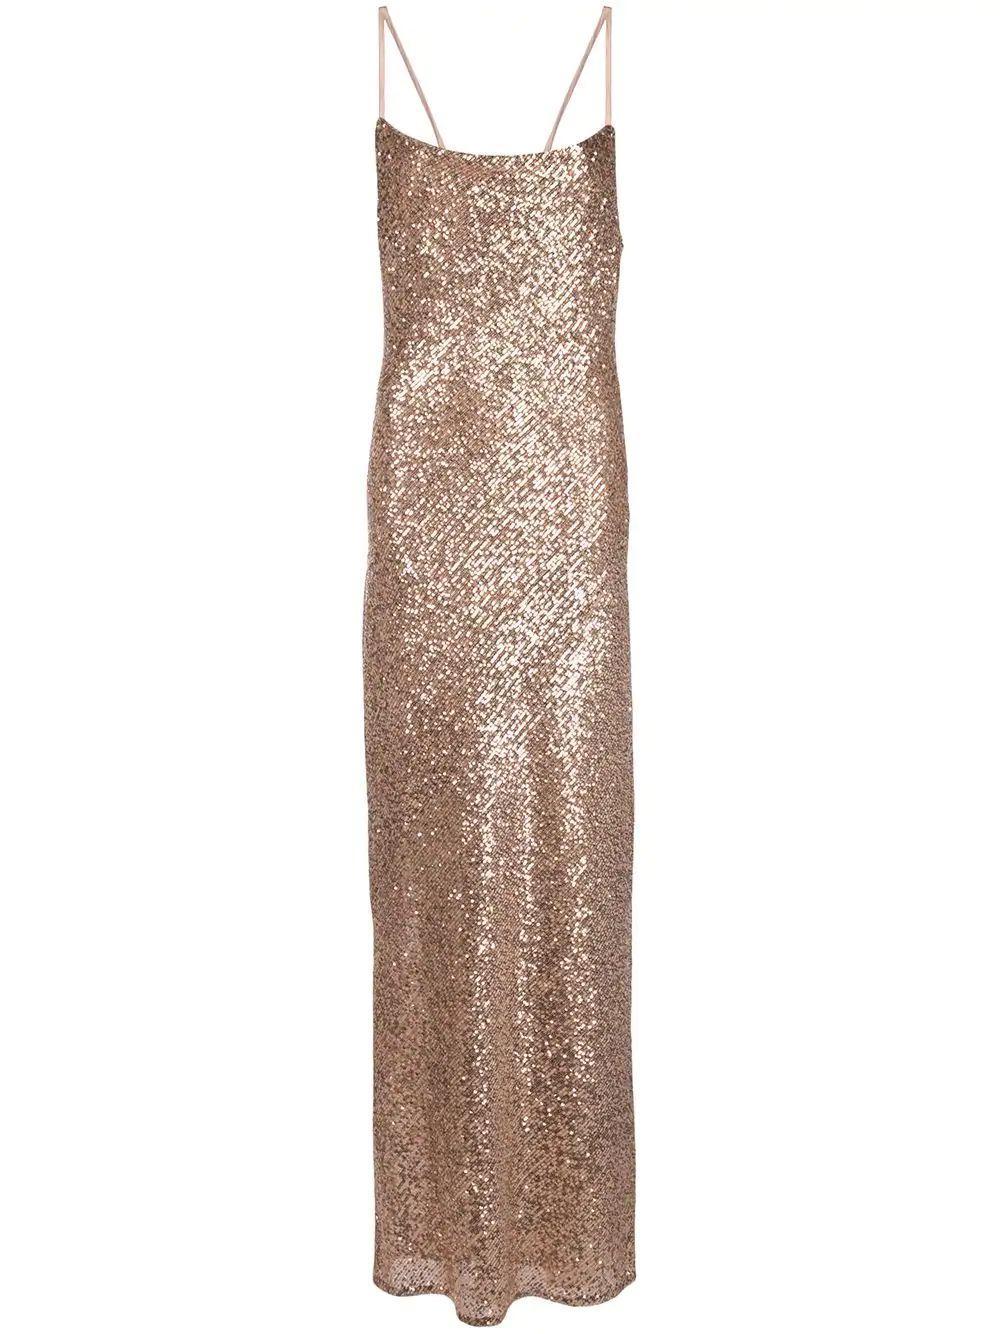 Soiree Bias Cowl Maxi Dress Item # SJ3926